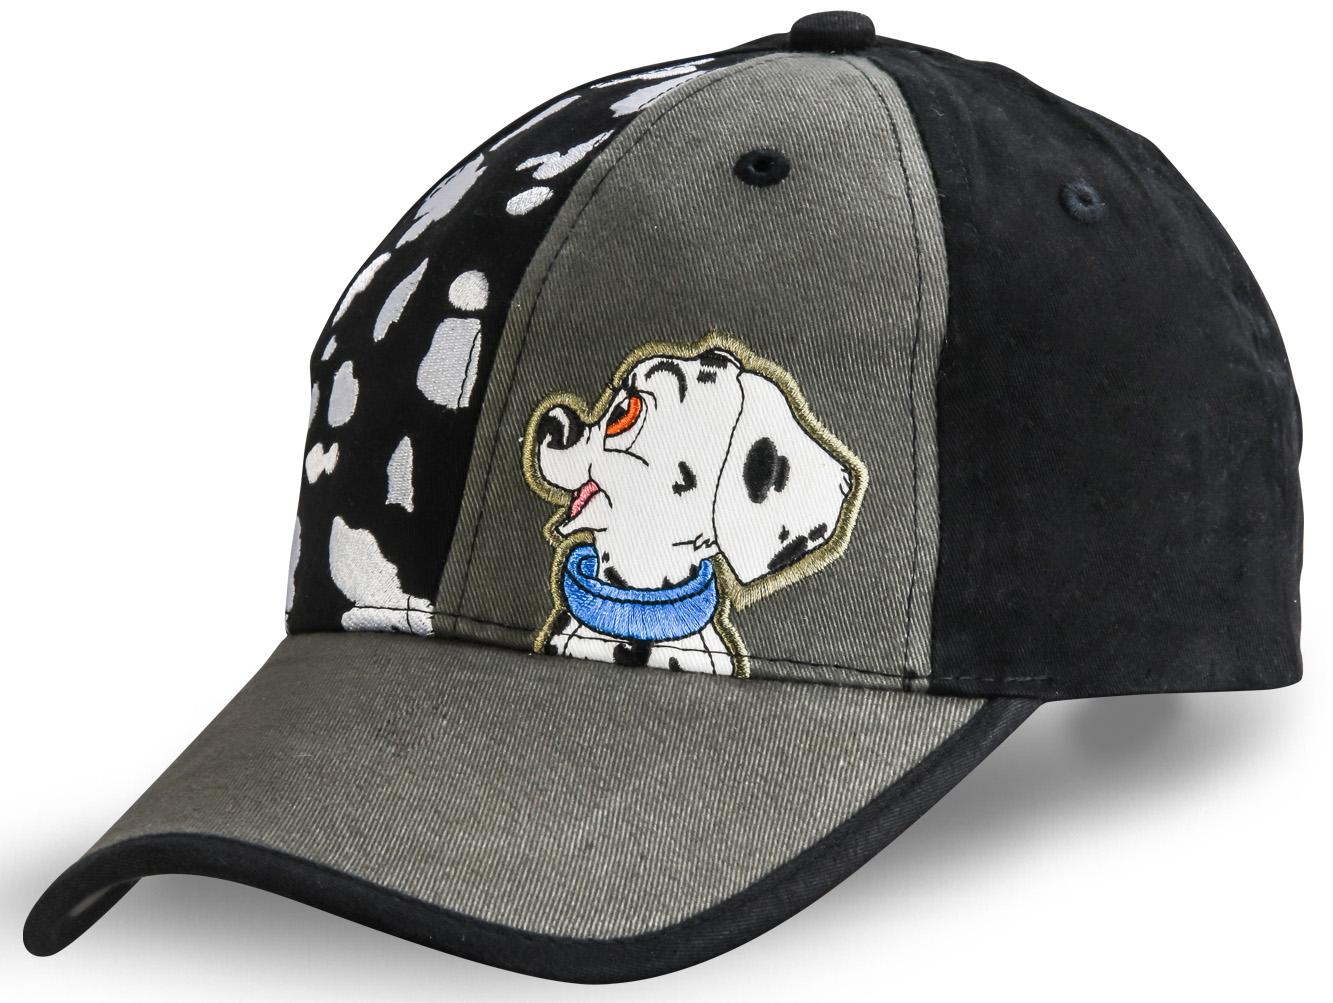 Кепка с собачкой - купить в интернет-магазине с доставкой